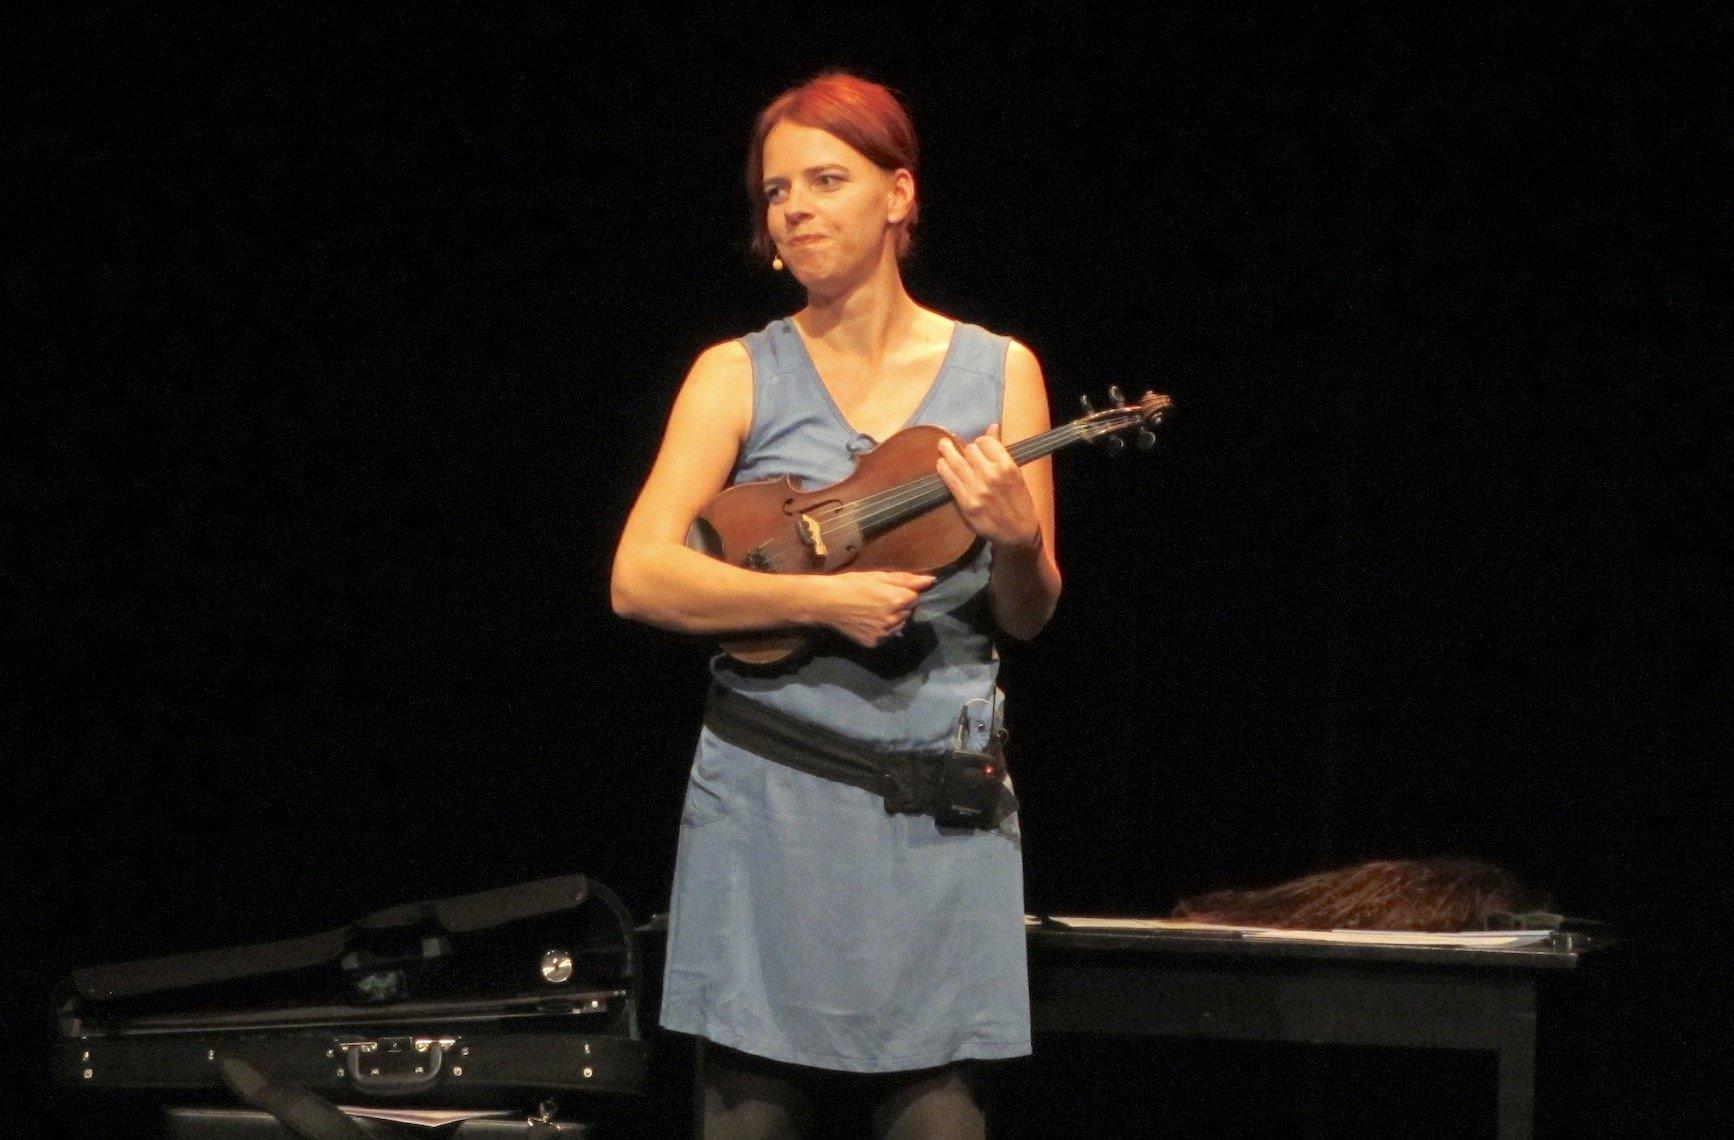 Auch die Geige kommt bei Uta Köbernick hin und wieder zum Einsatz.